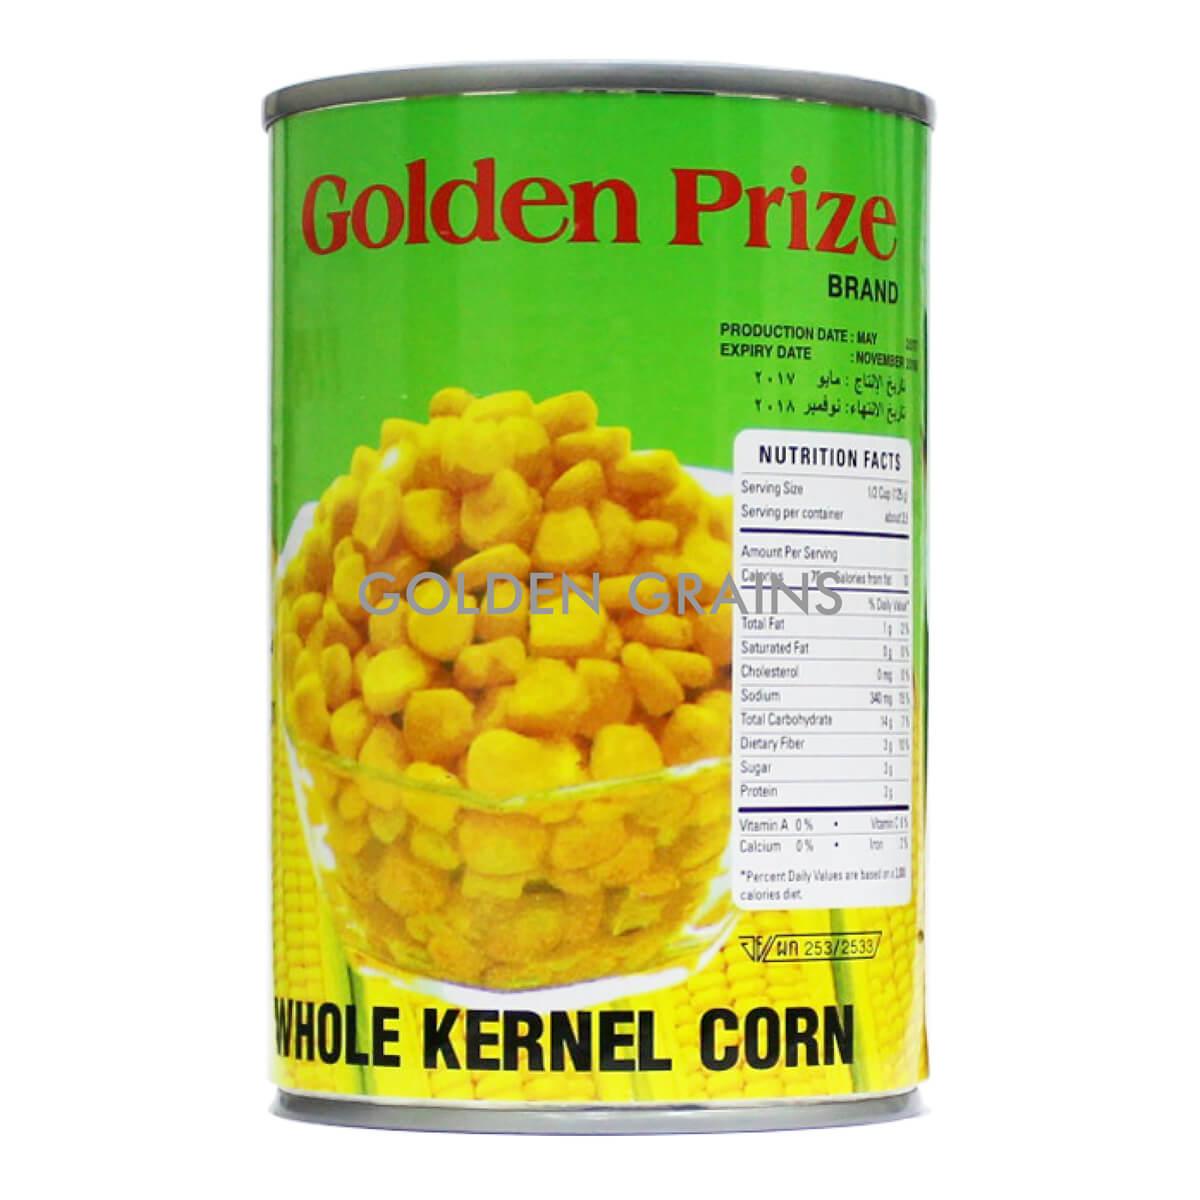 Golden Grains Golden Prize - Whole Kernel Corn 2017 SM - Front.jpg